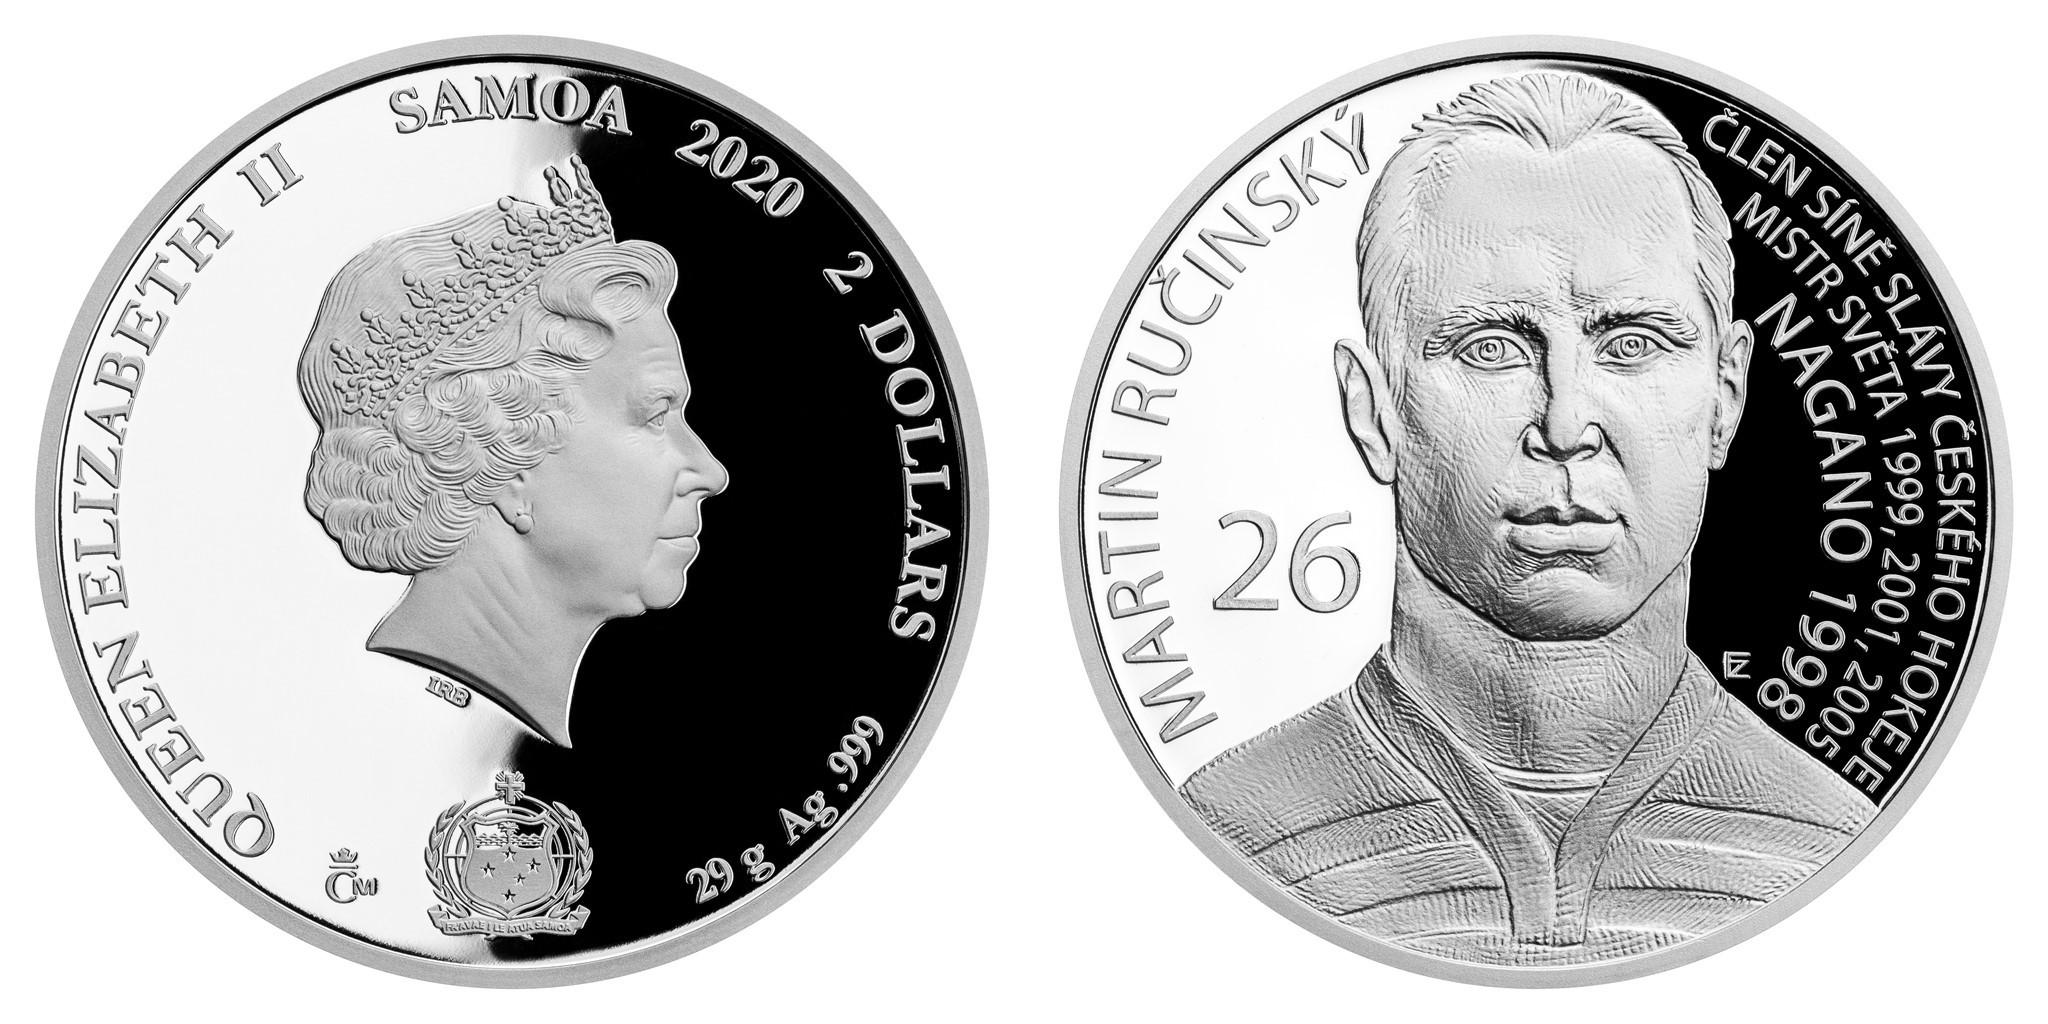 samoa-2020-martin-rucinsky